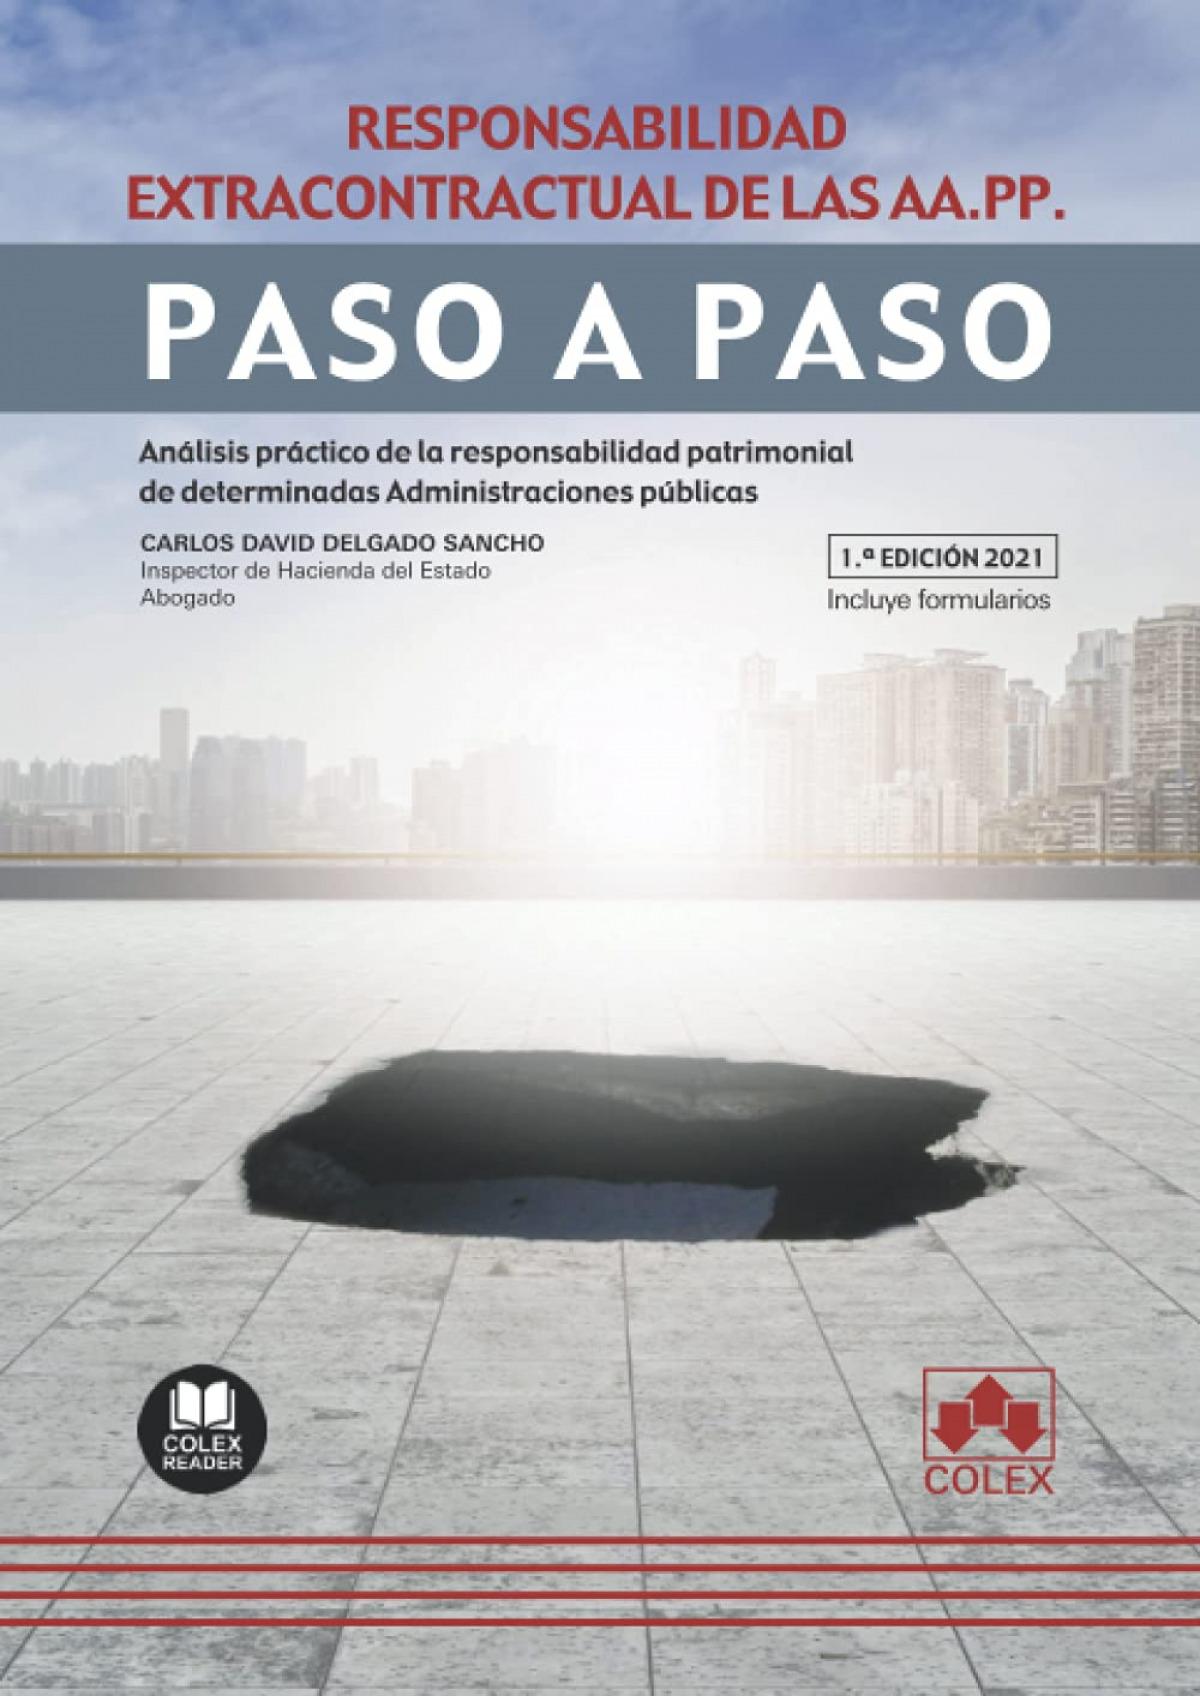 RESPONSABILIDAD EXTRACONTRACTUAL DE LAS AA.PP. PASO A PASO.